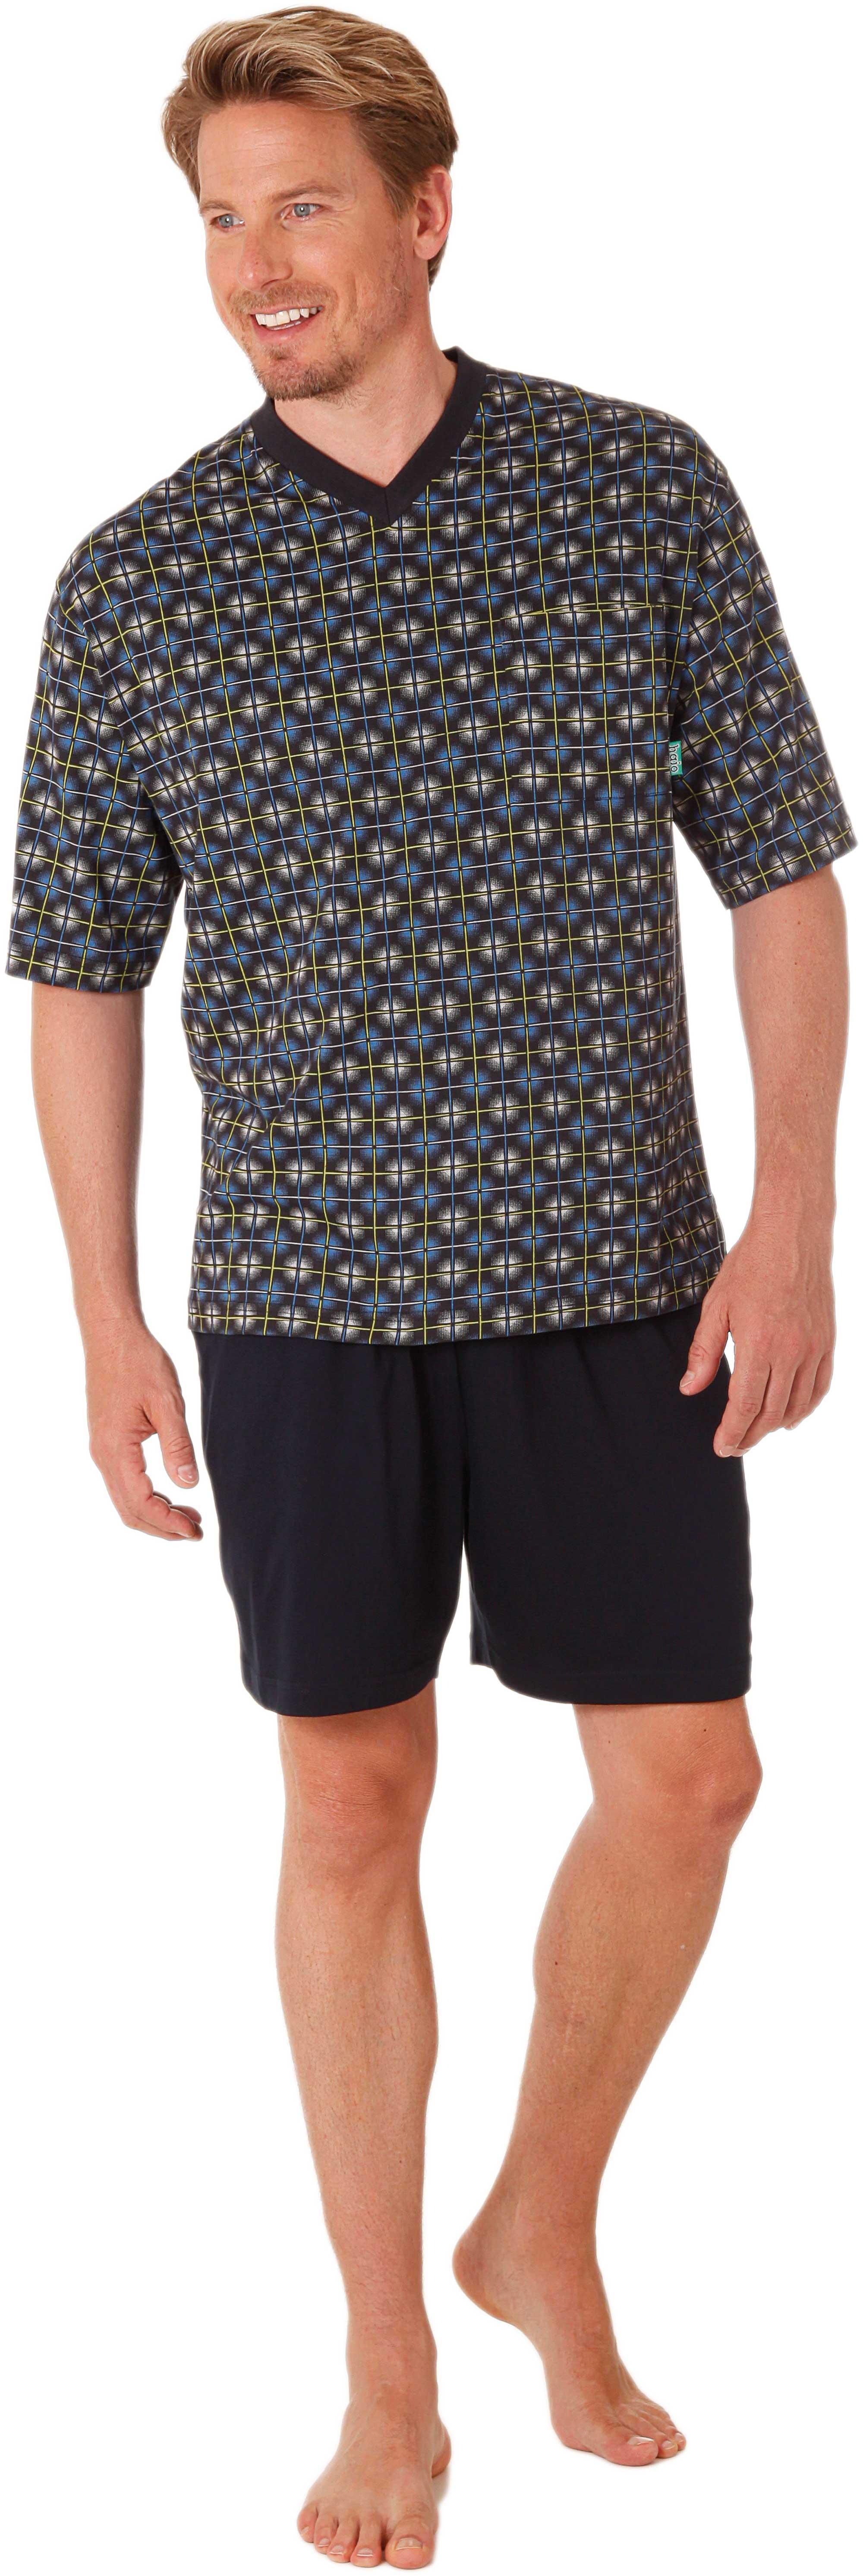 pyjama pour homme court 100 coton couleur bleu marine dans les tailles 48 58 de hajo. Black Bedroom Furniture Sets. Home Design Ideas